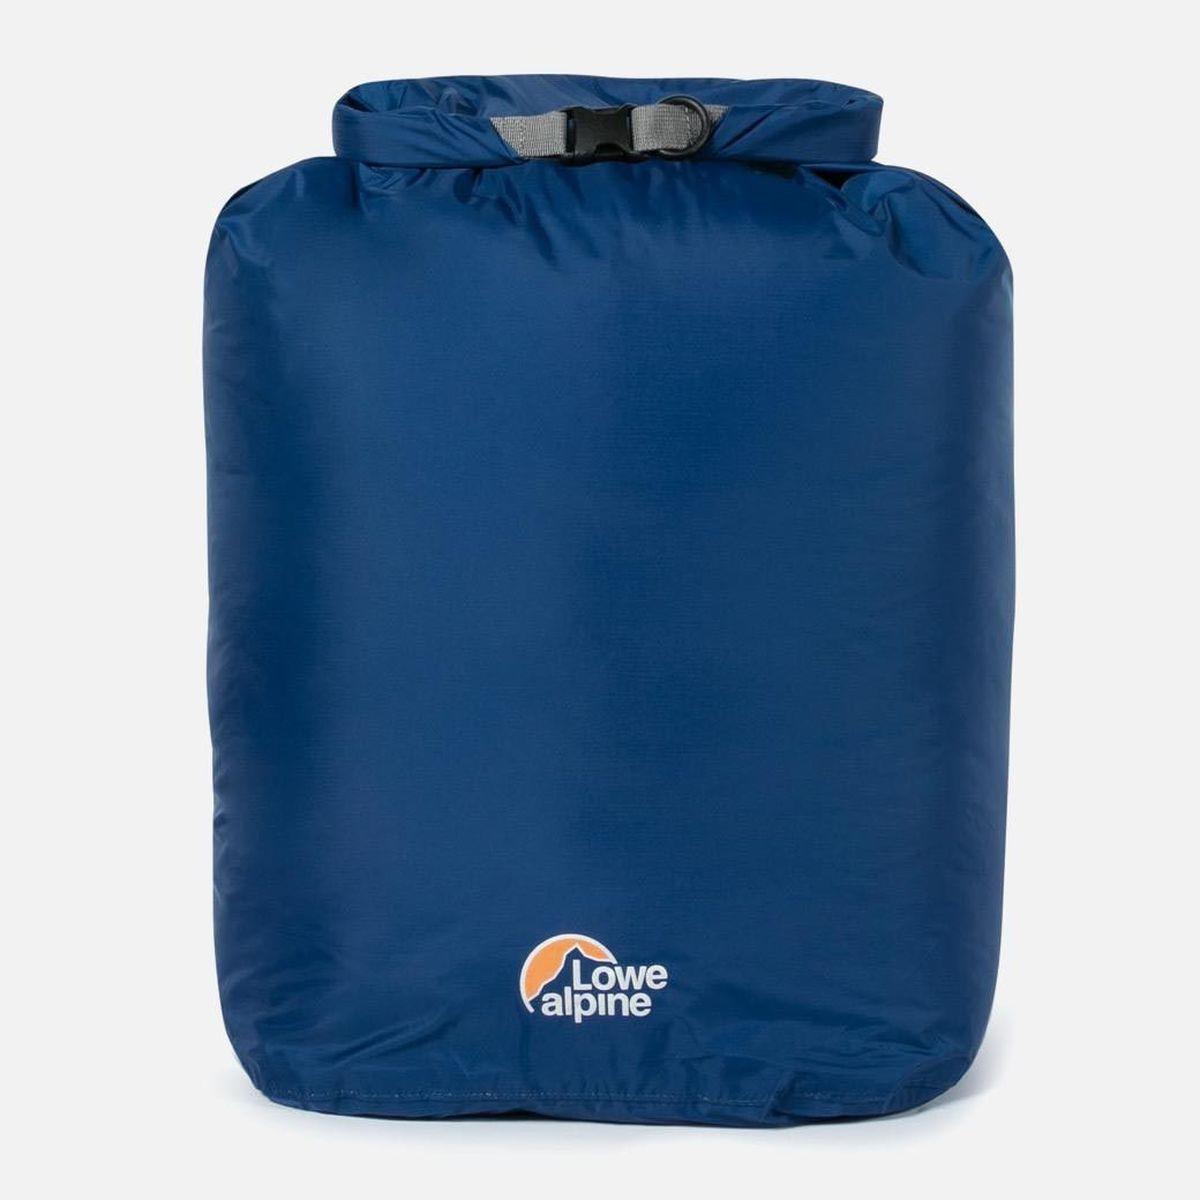 Гермочехол Lowe Alpine Drysack, FAE-55-XXL, темно-синий, размер XXL